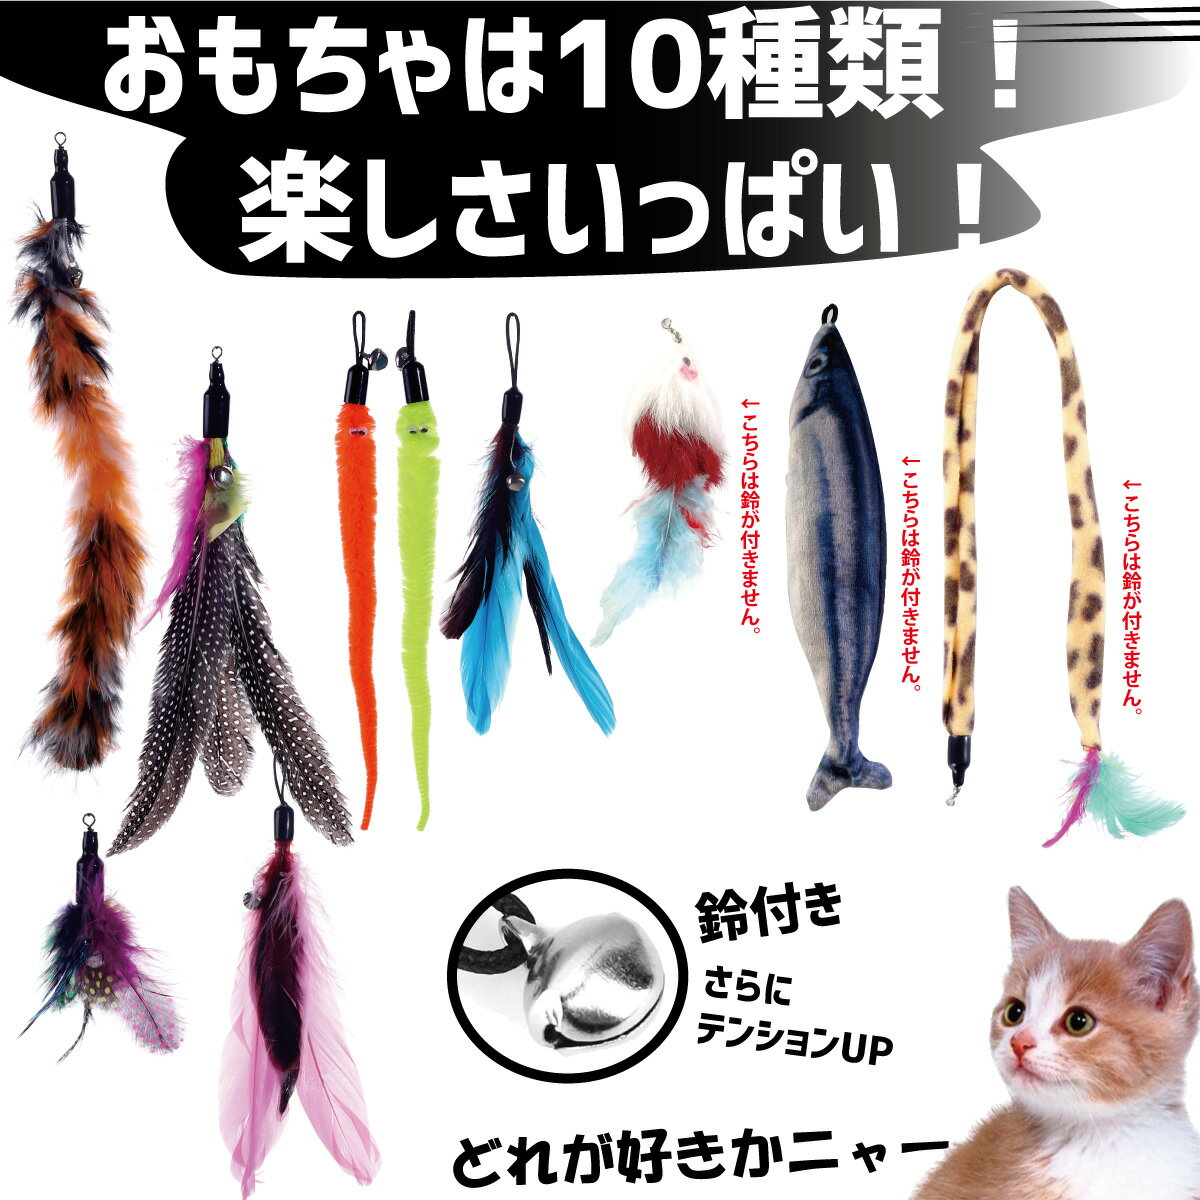 猫じゃらし11点セット猫用おもちゃねこじゃらし猫ねこネコおもちゃ釣り竿猫用品ペットグッズ羽根鈴伸びるしなやか運動不足解消ペット用品